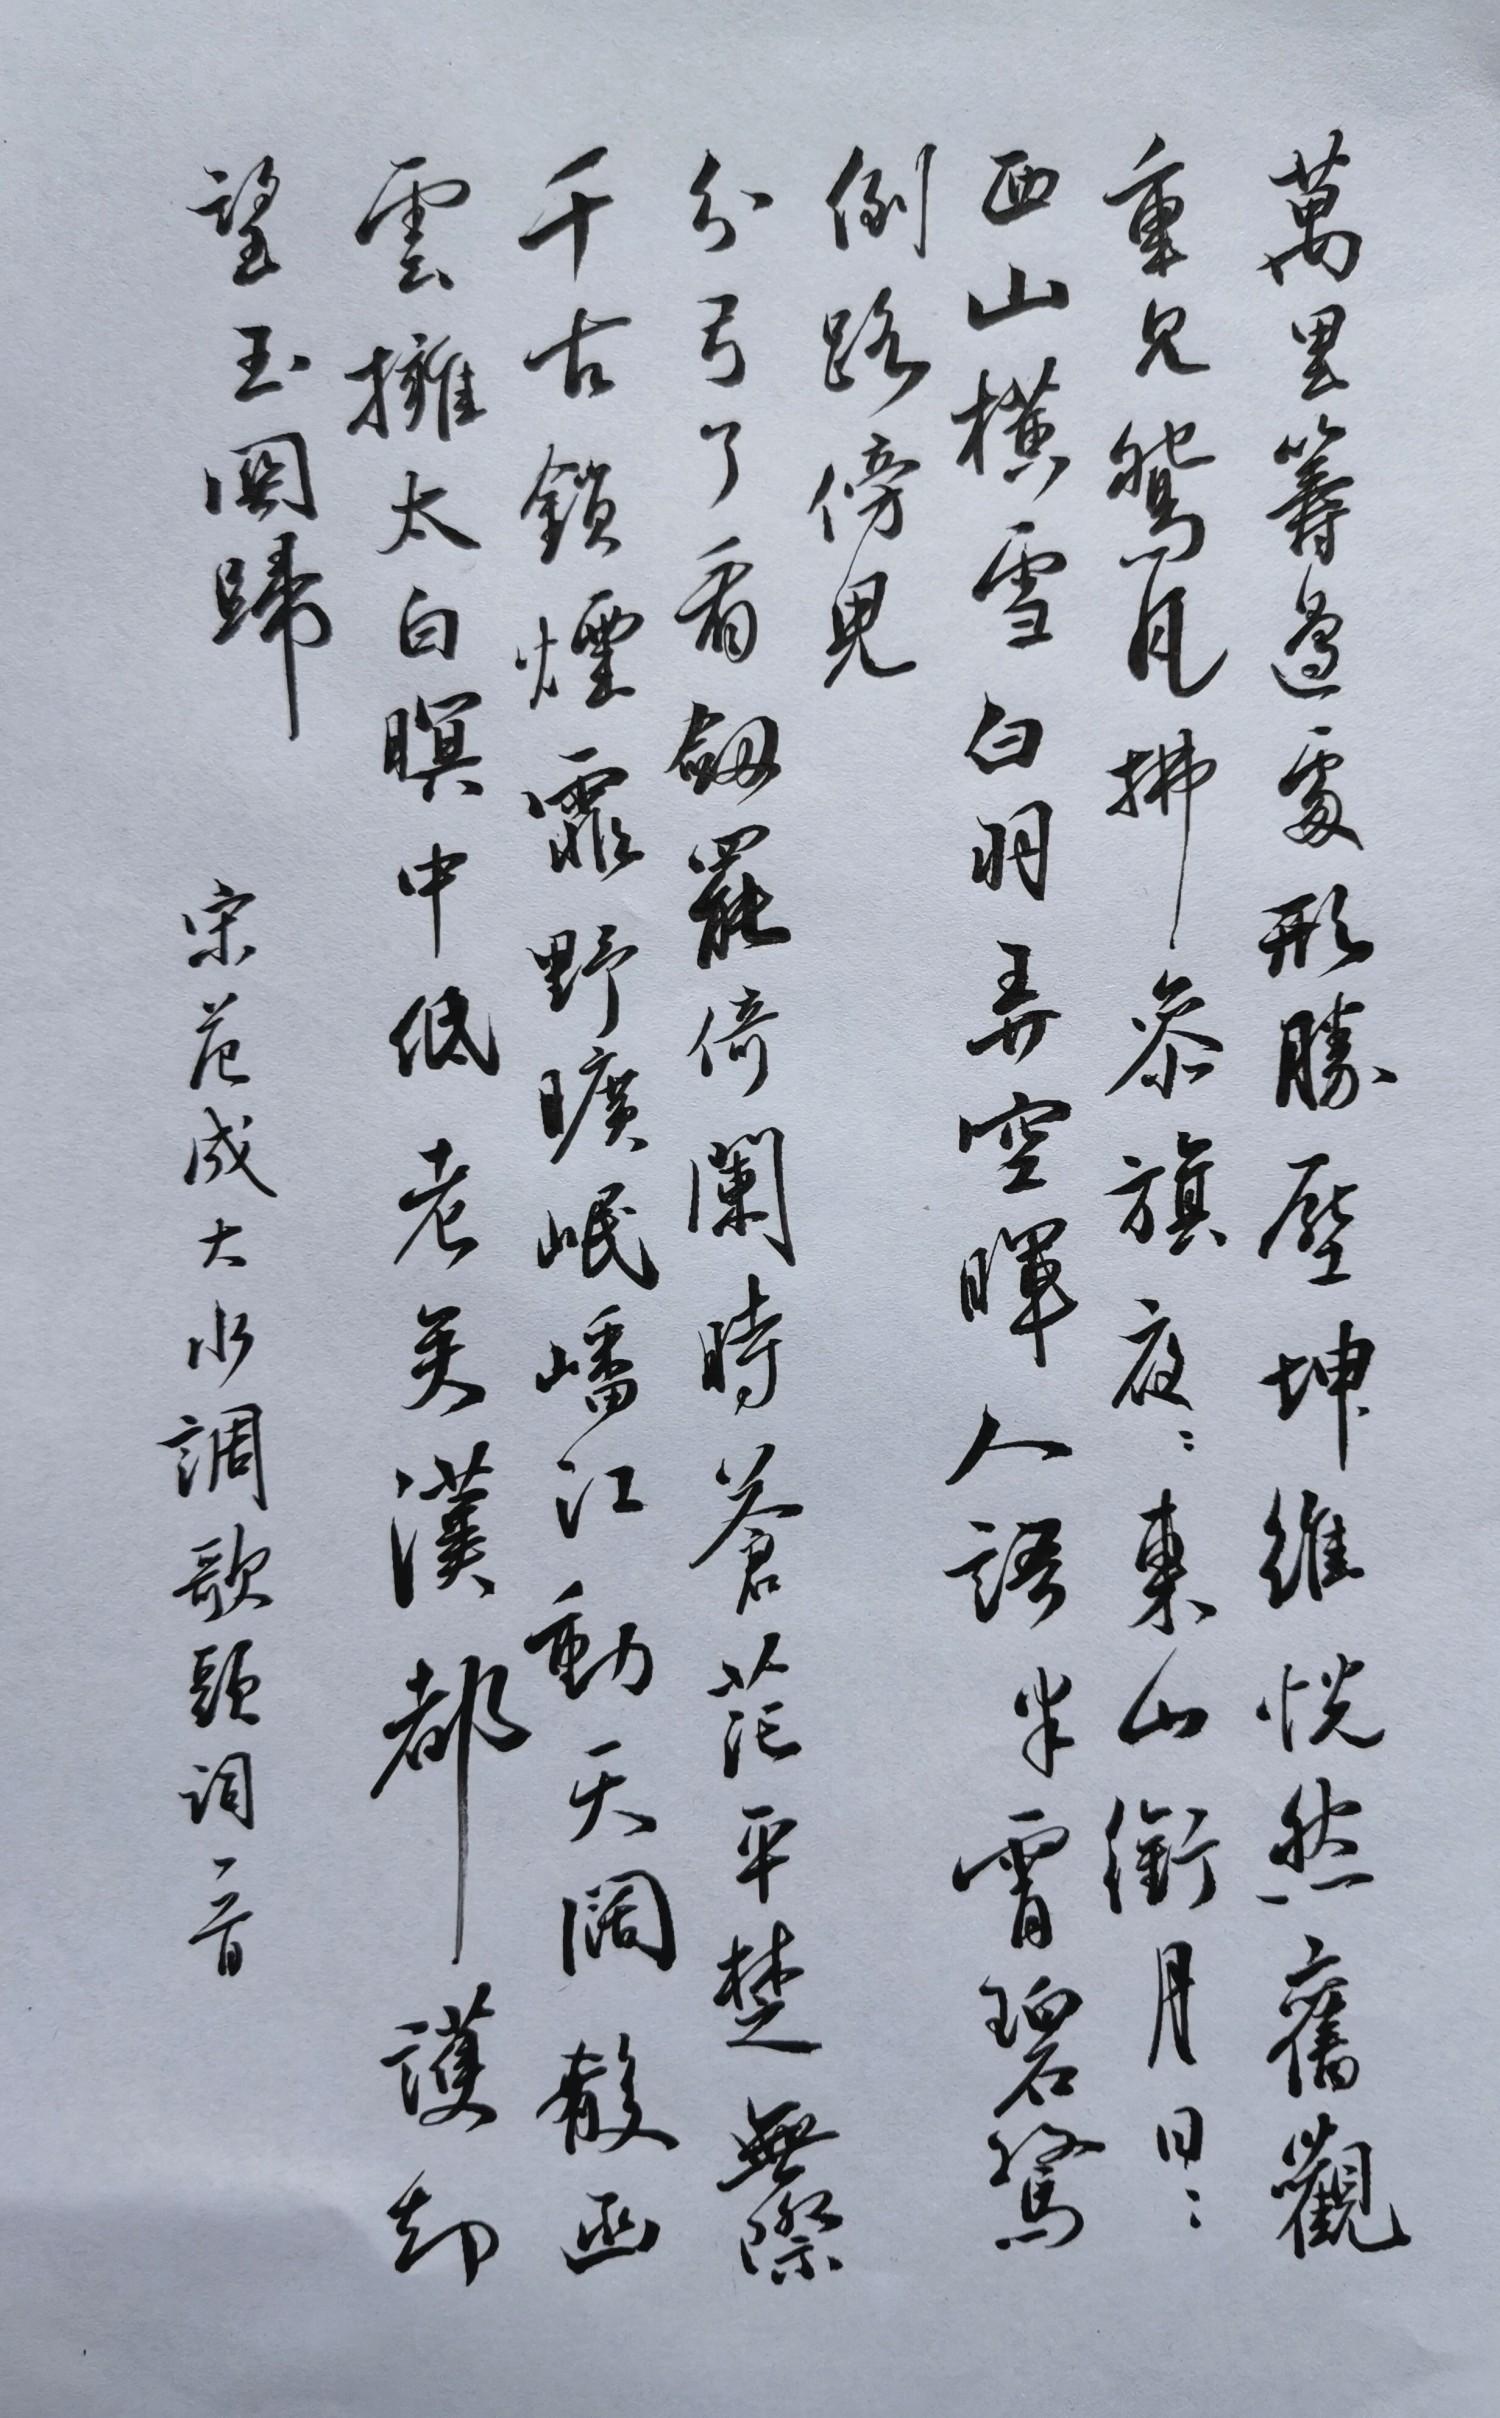 钢笔爱好者练字打卡20210413-21